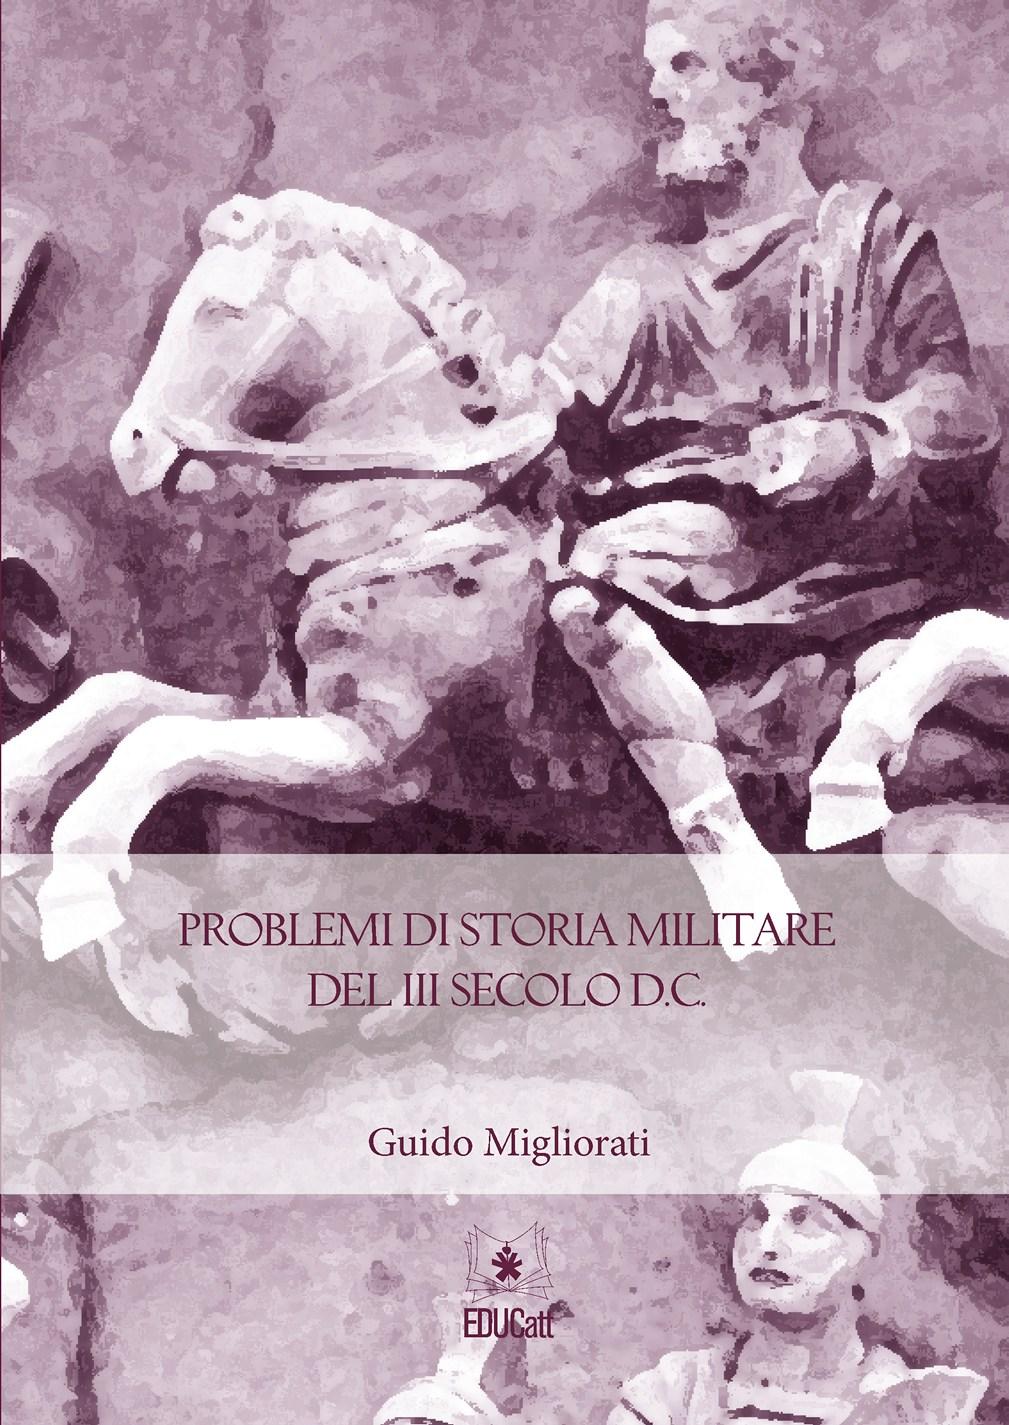 PROBLEMI DI STORIA MILITARE DEL III SECOLO D.C.